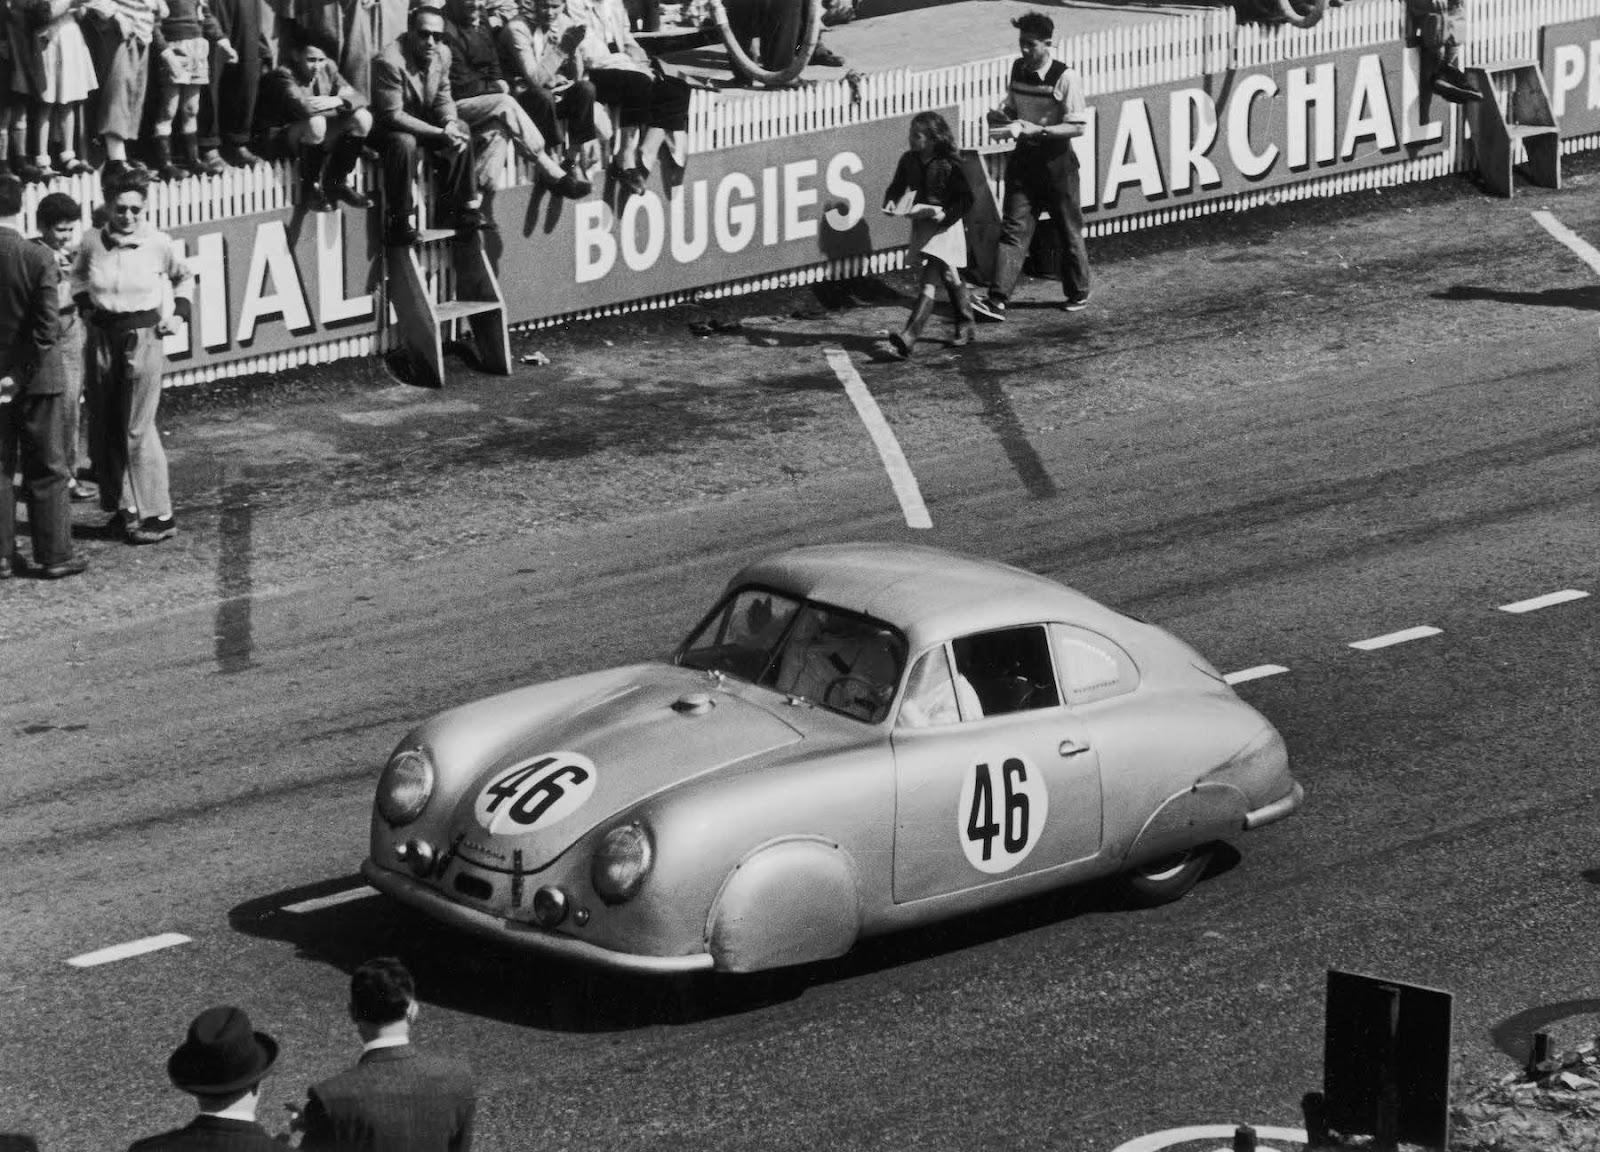 1951 - Porsche 356